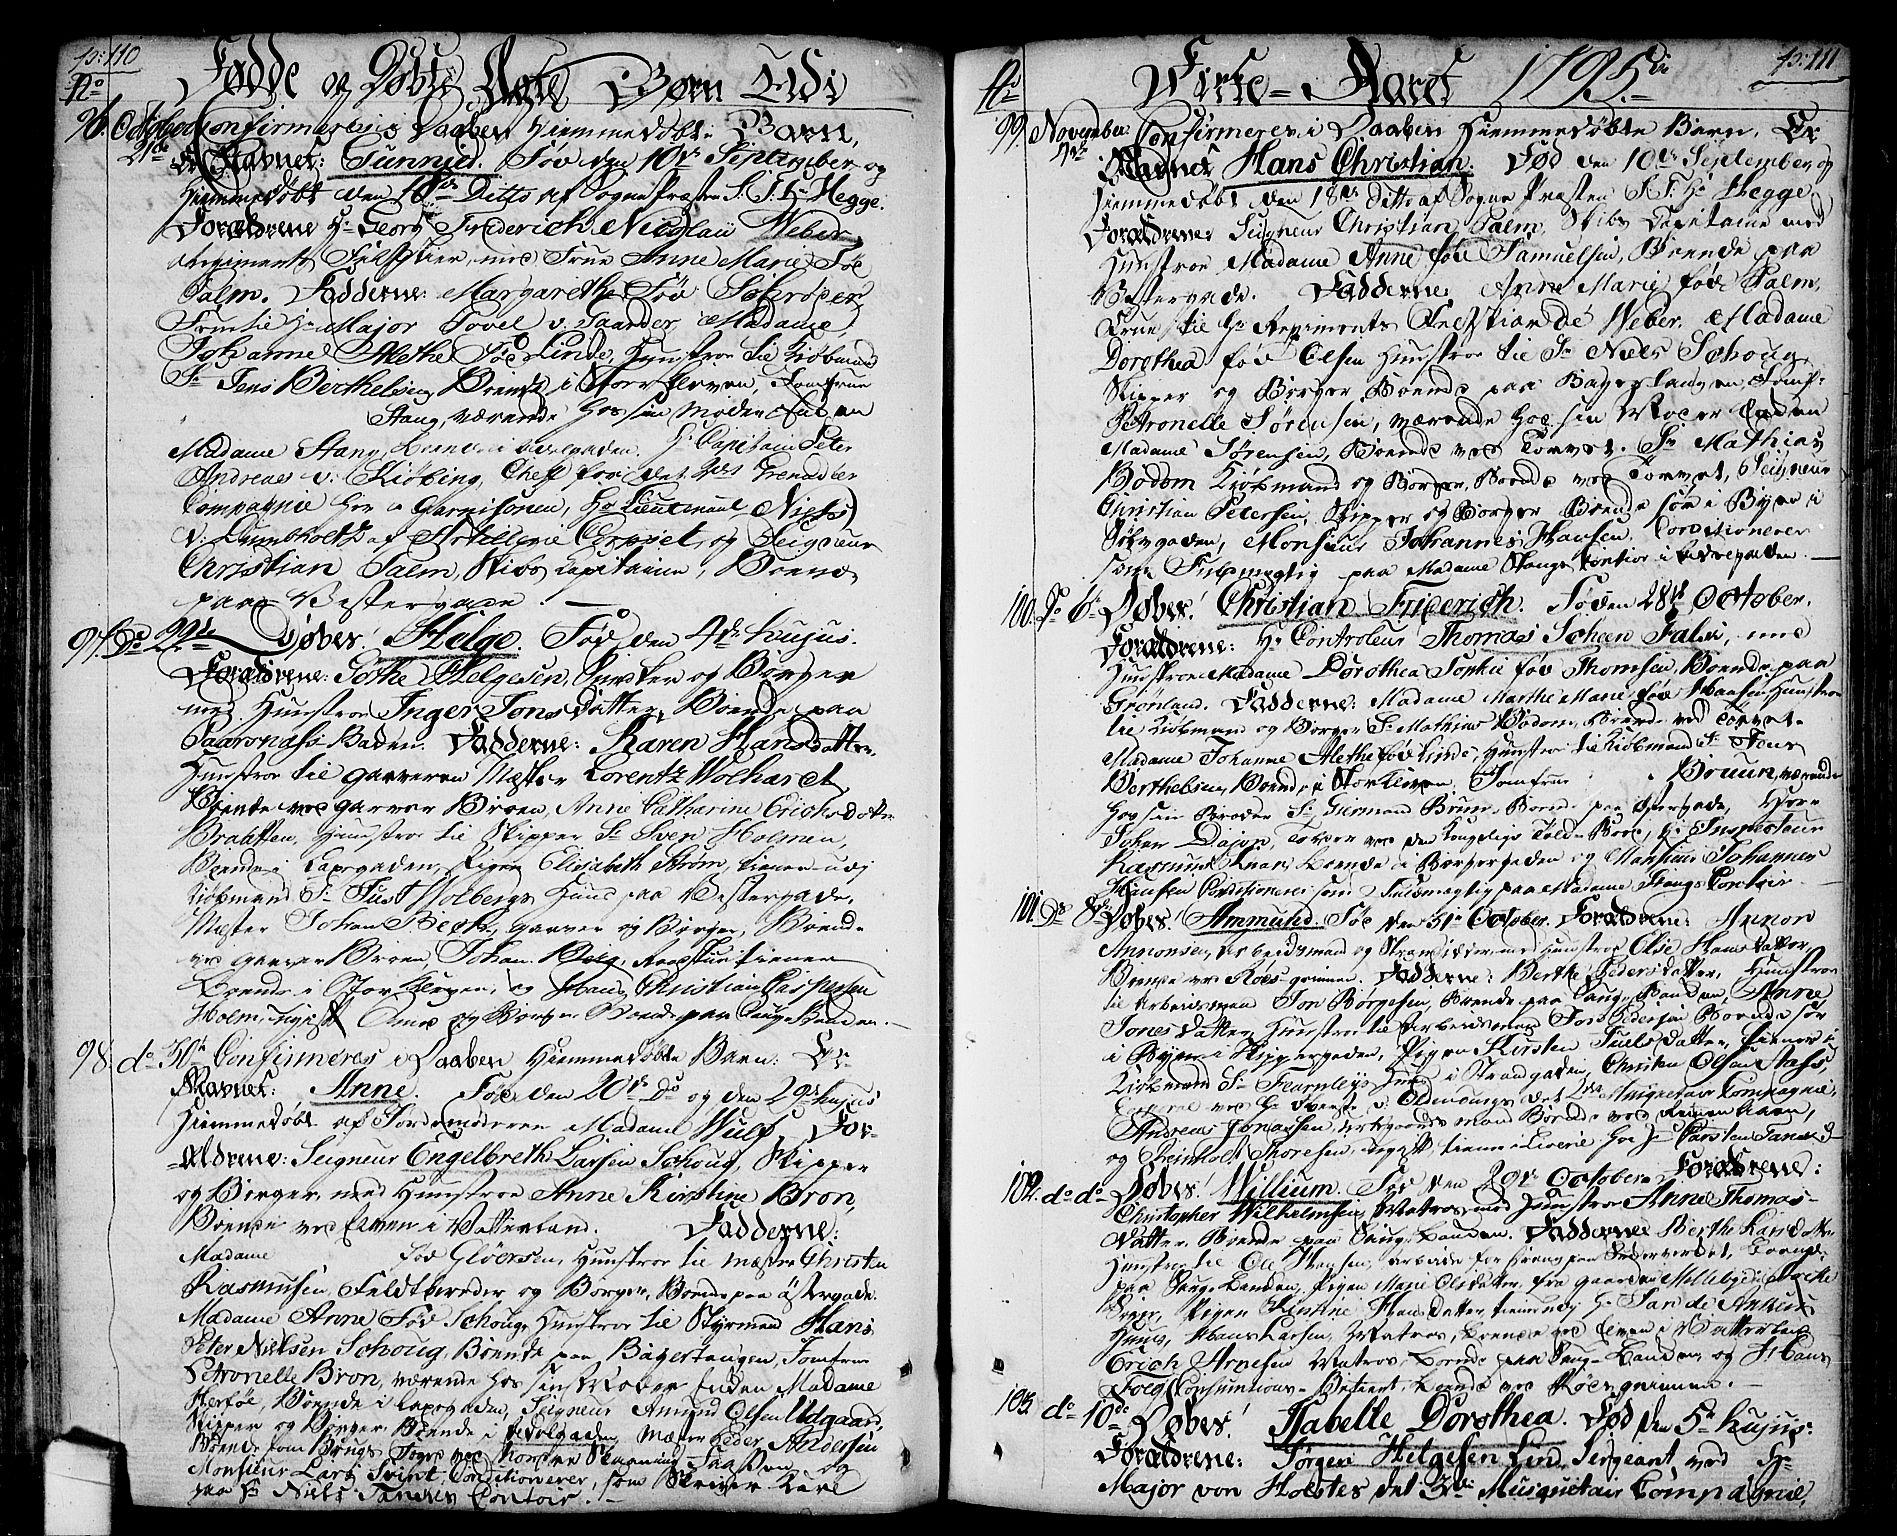 SAO, Halden prestekontor Kirkebøker, F/Fa/L0002: Ministerialbok nr. I 2, 1792-1812, s. 110-111